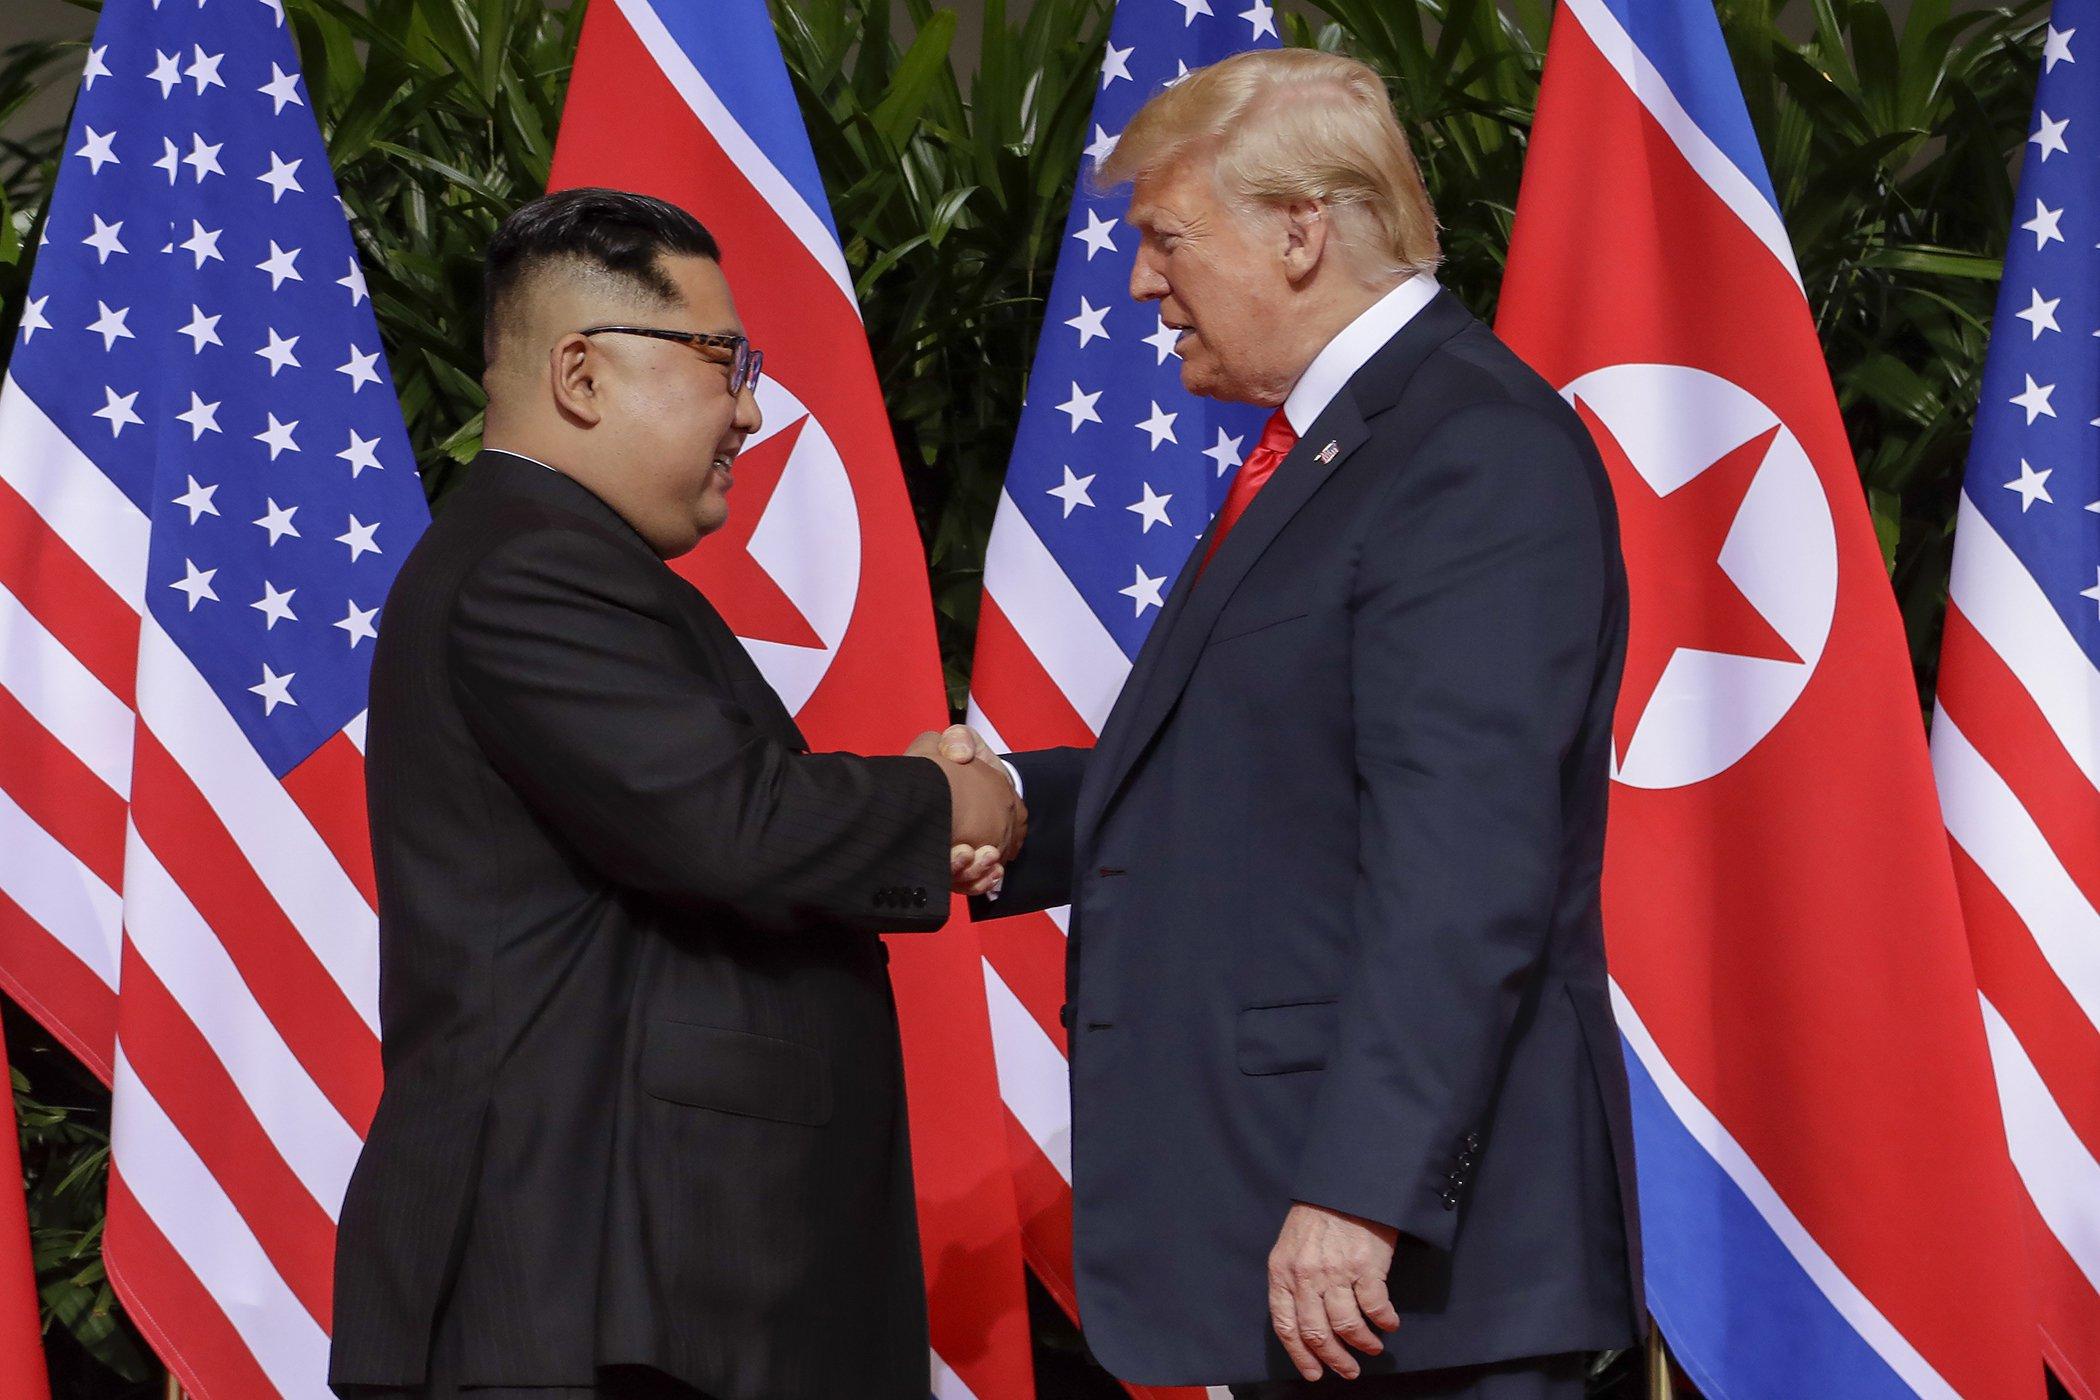 Donald-Trump-Kim-Jong-UN-Summit.jpg